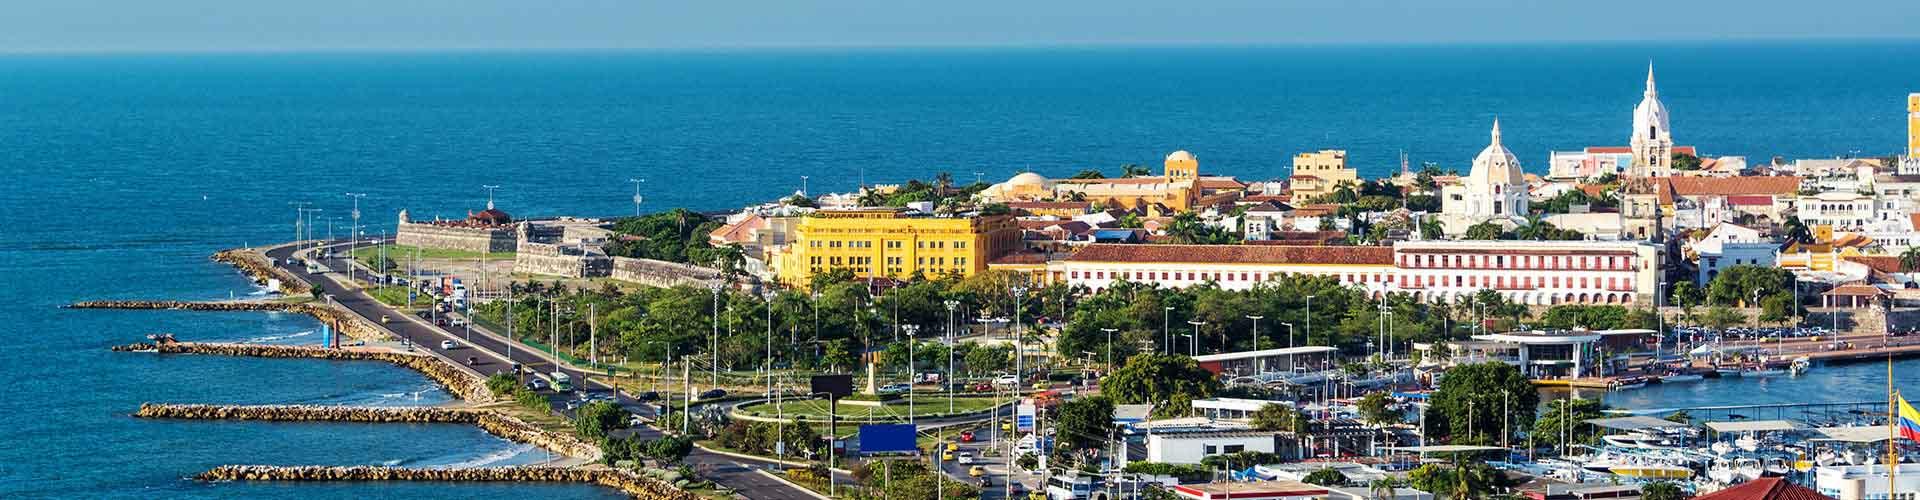 Cartagena - Hostales en Cartagena. Mapas de Cartagena, Fotos y comentarios de cada Hostal en Cartagena.